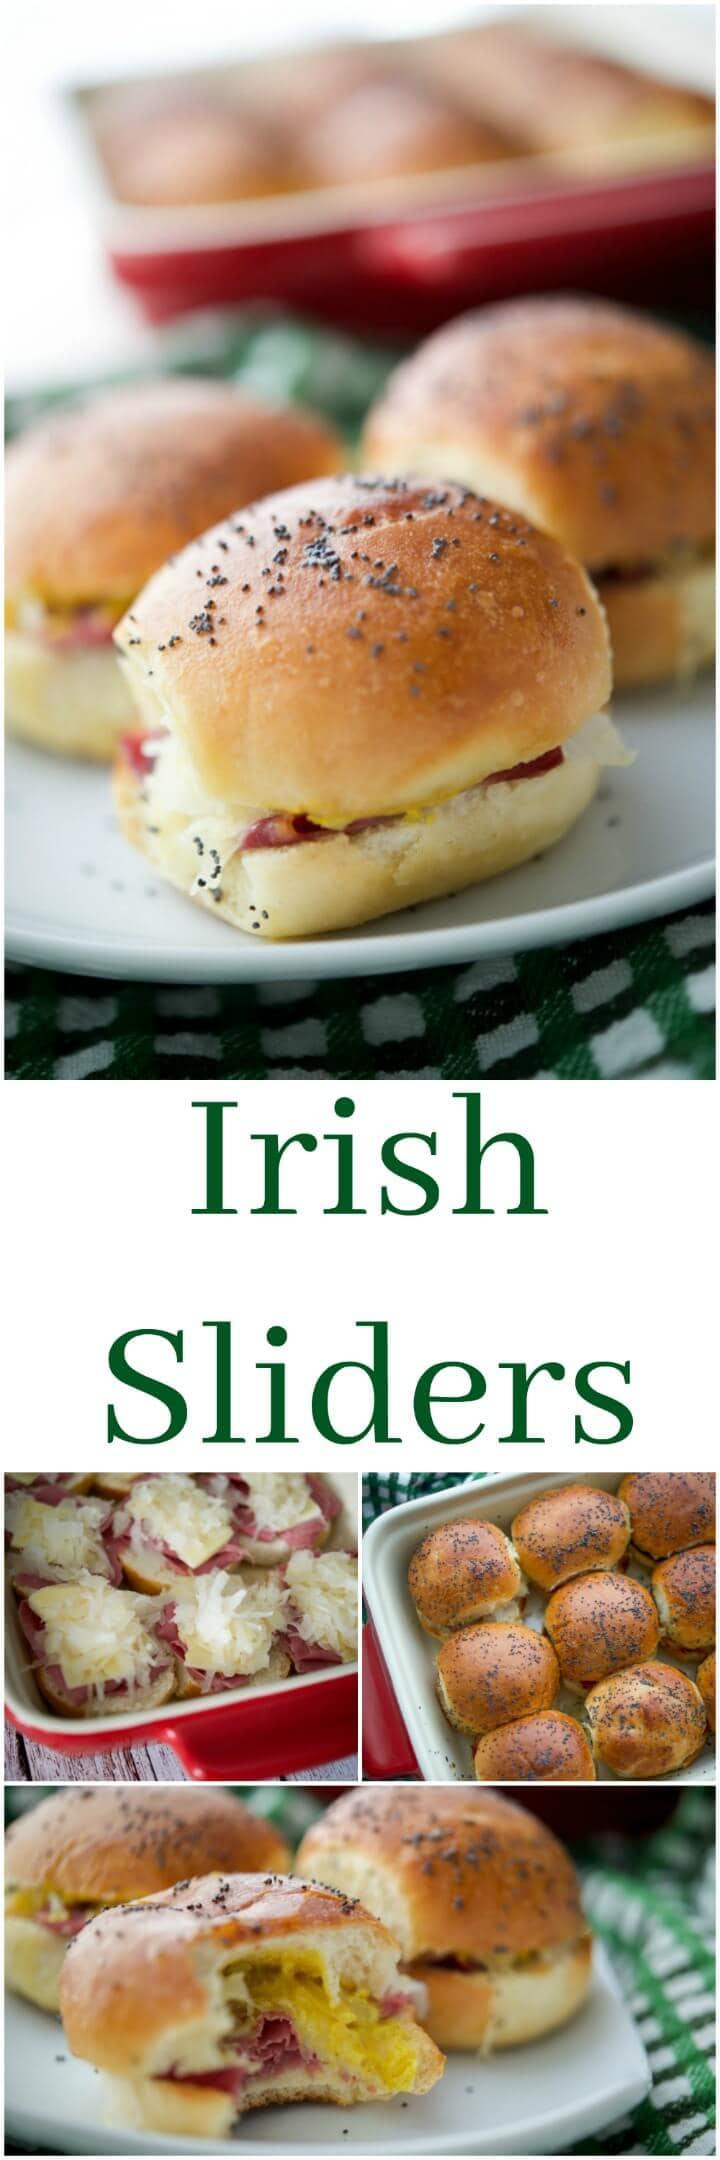 These Cheesy Irish Sliders made with corned beef, Dubliner Irish cheese, sauerkraut & Irish mustard on potato slider rolls are a must have!